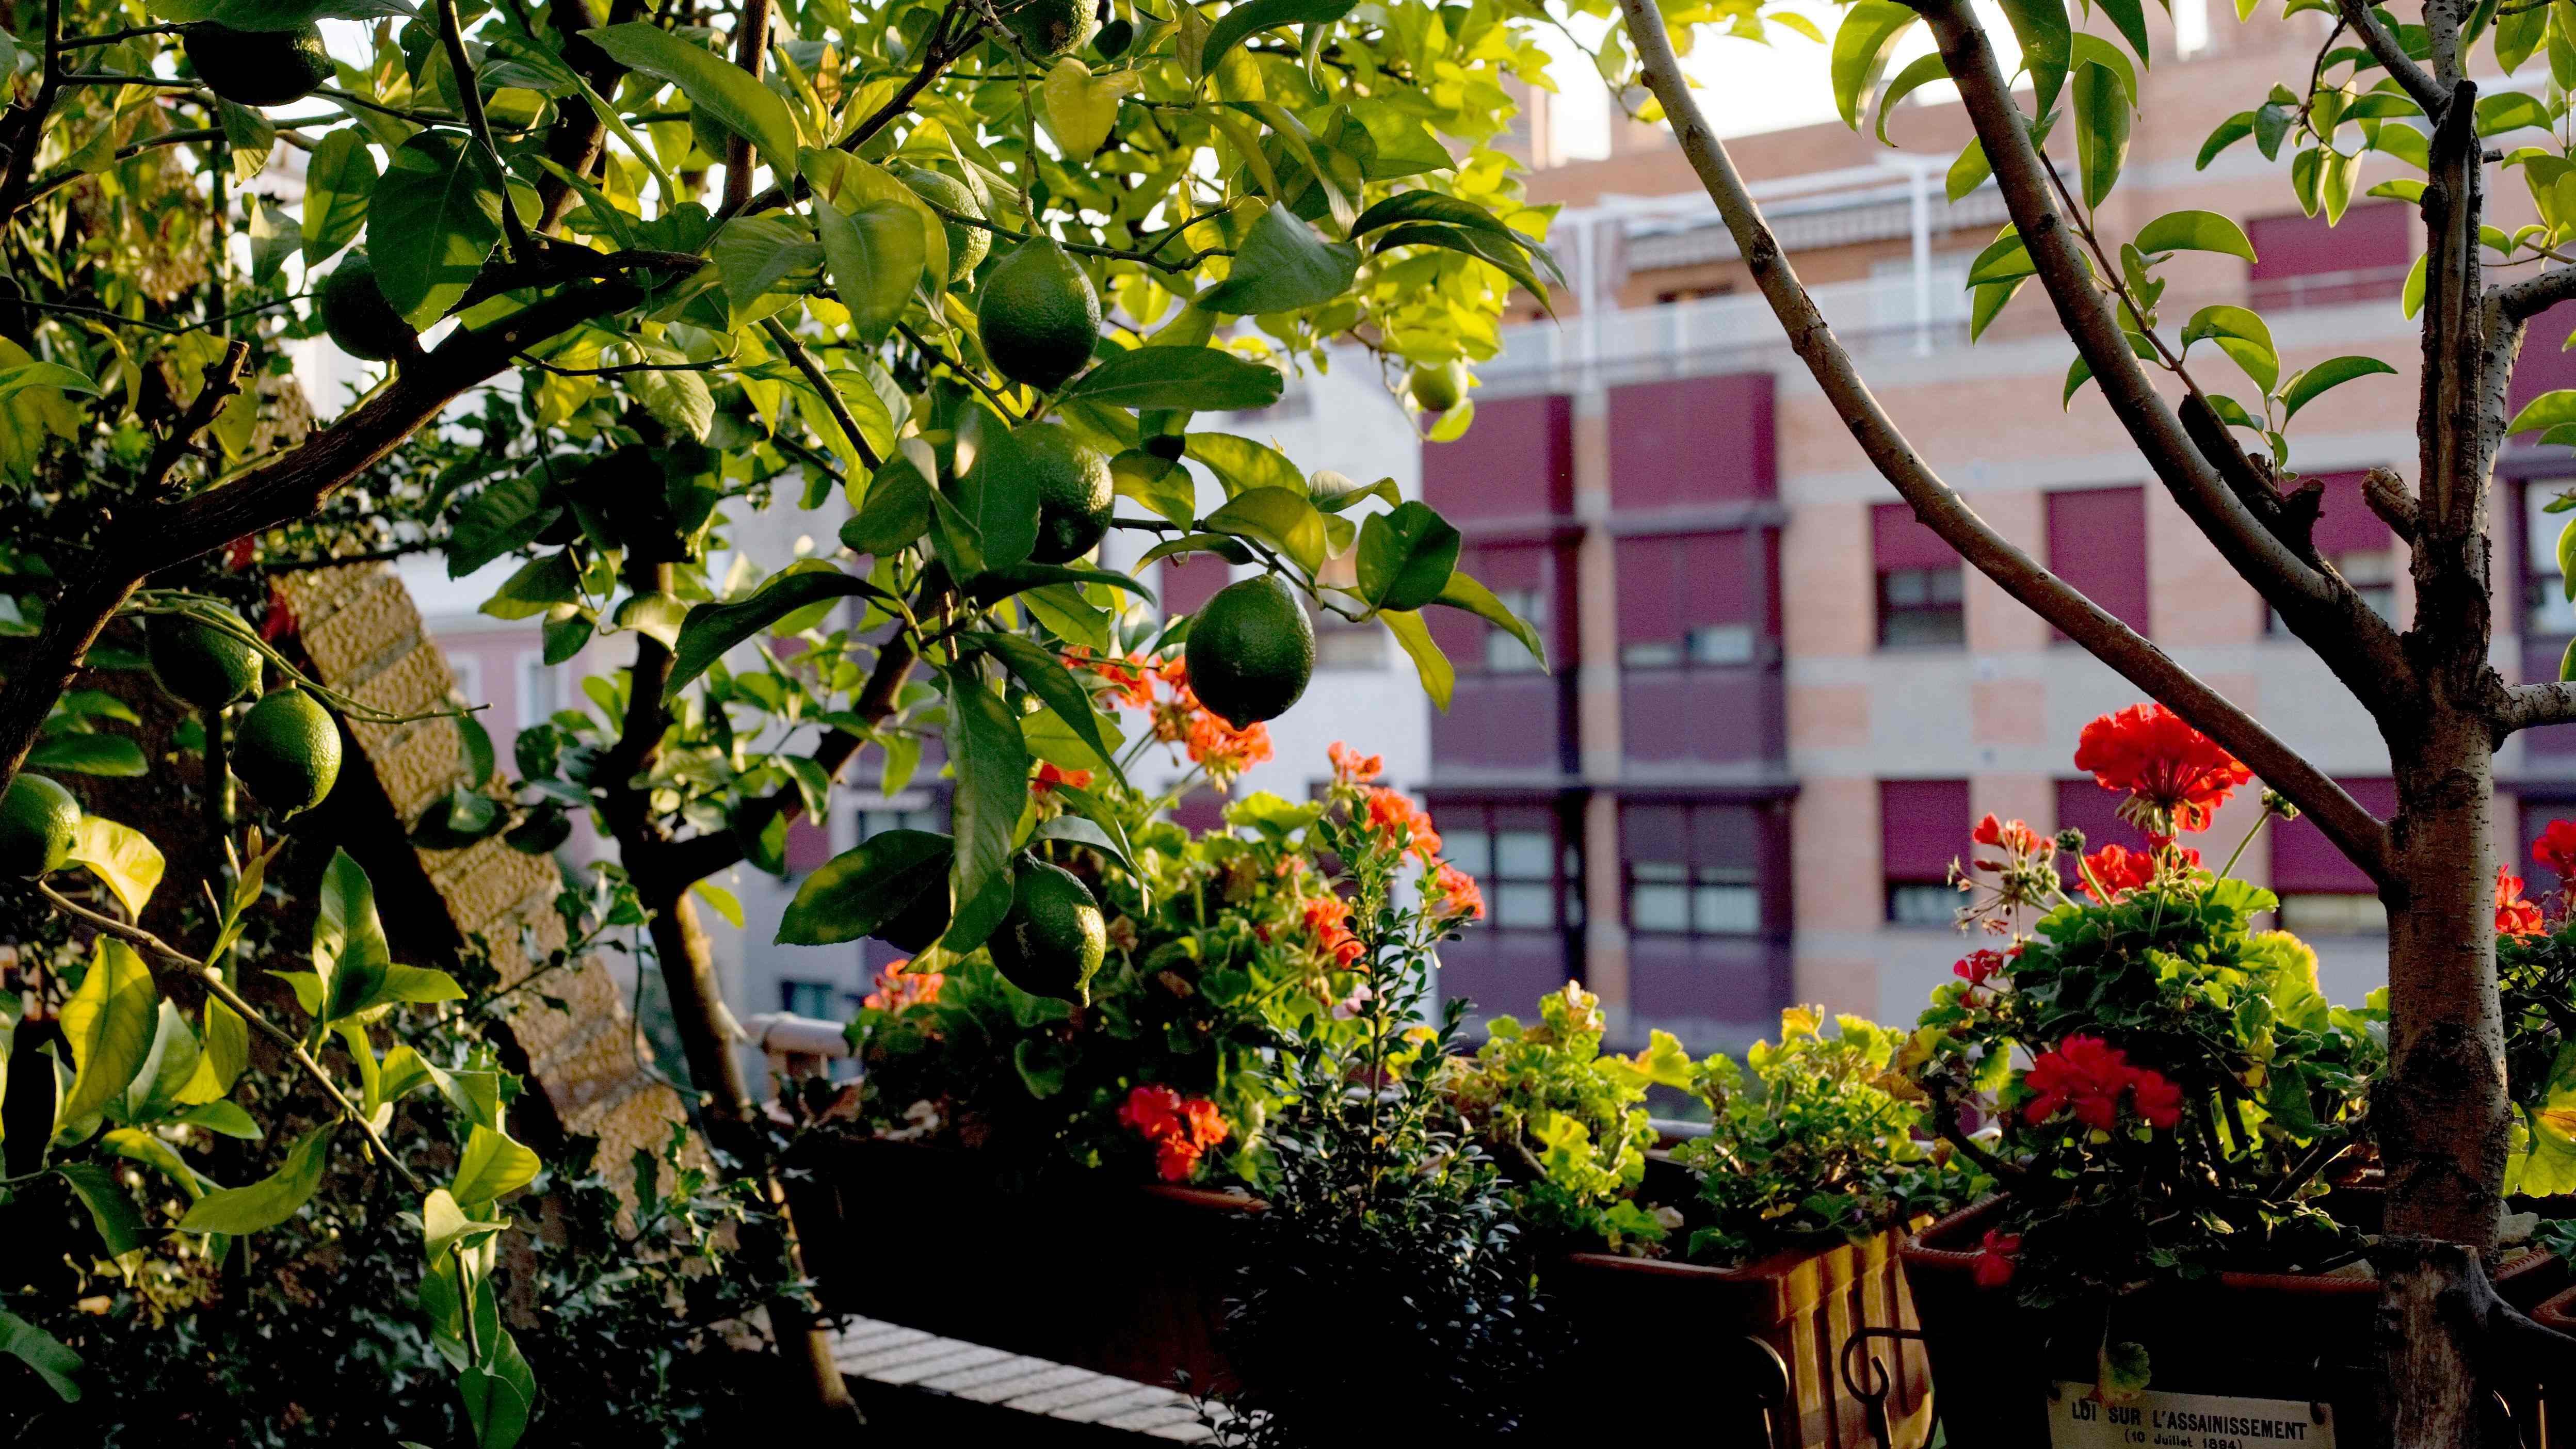 Arbres et arbustes pour balcons et terrasses  : comment choisir